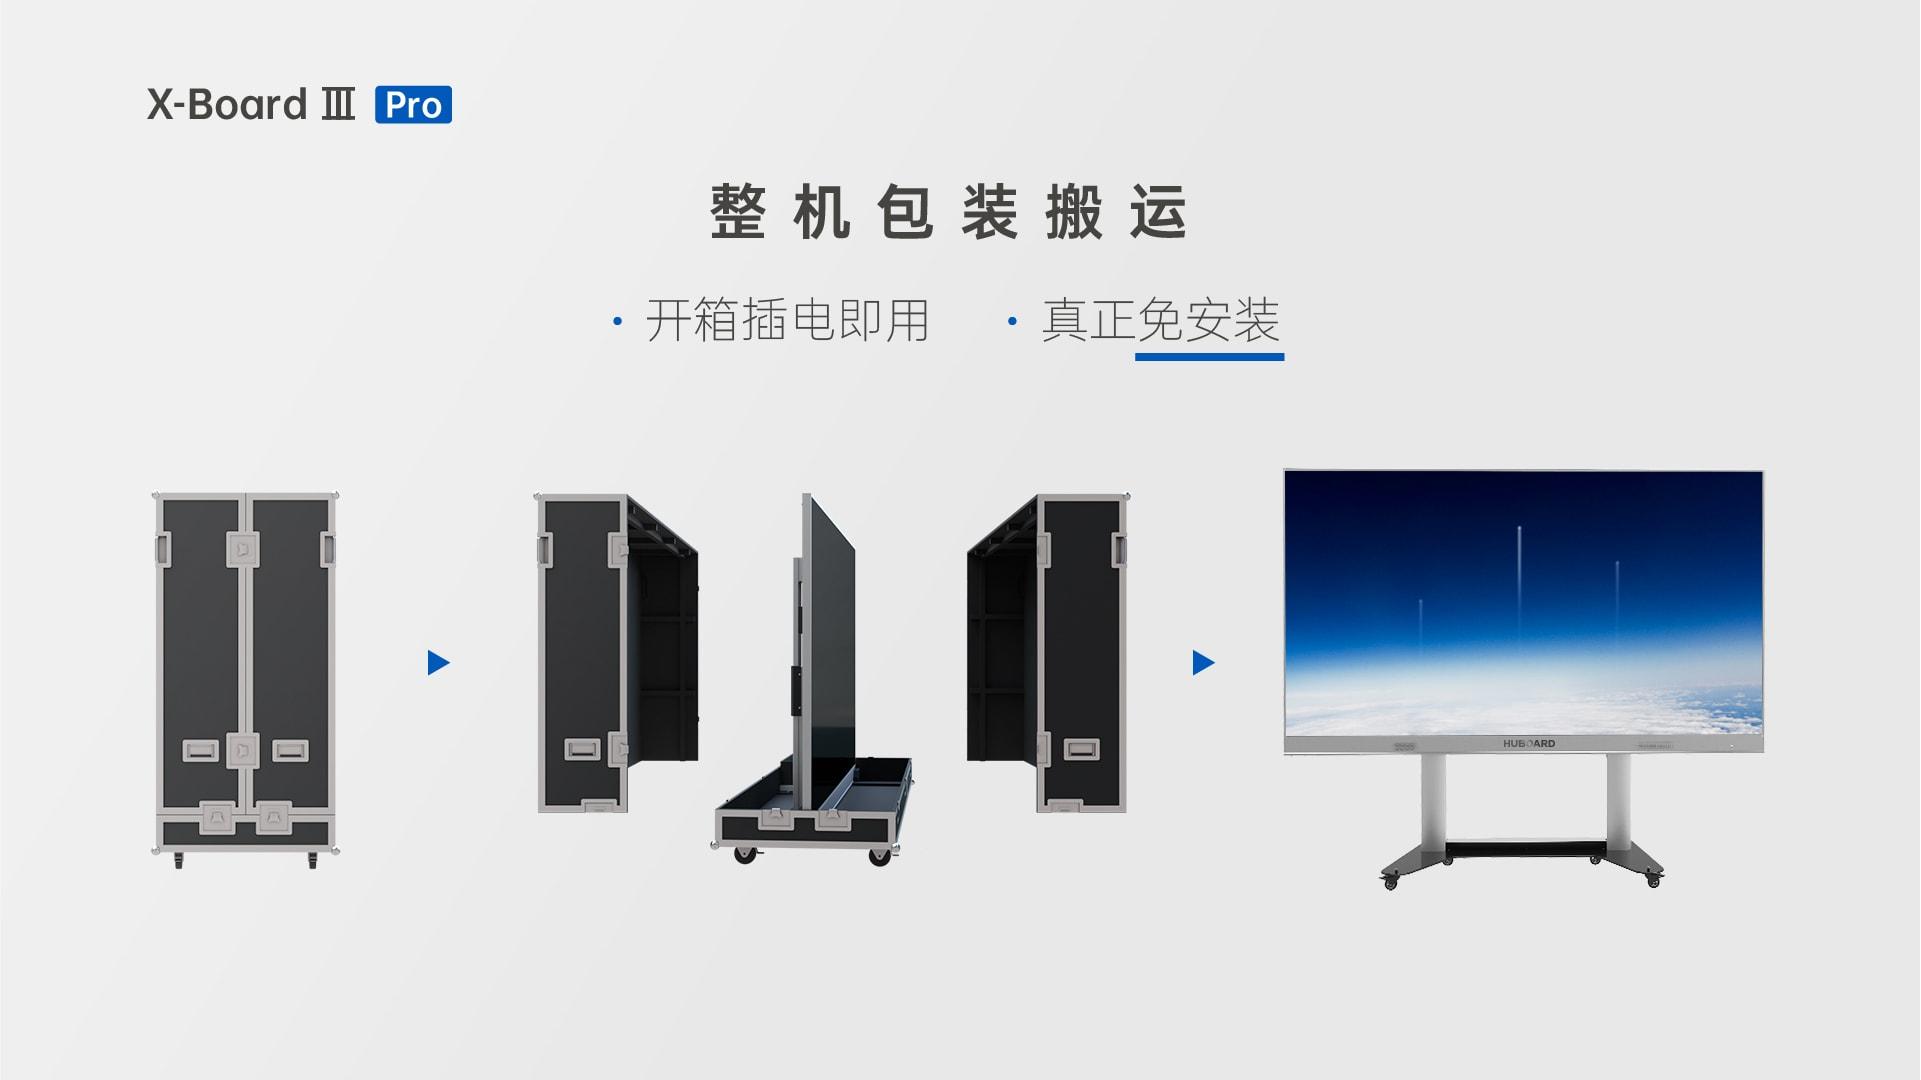 全新LED商显X-Board Ⅲ Pro系列升降一体机